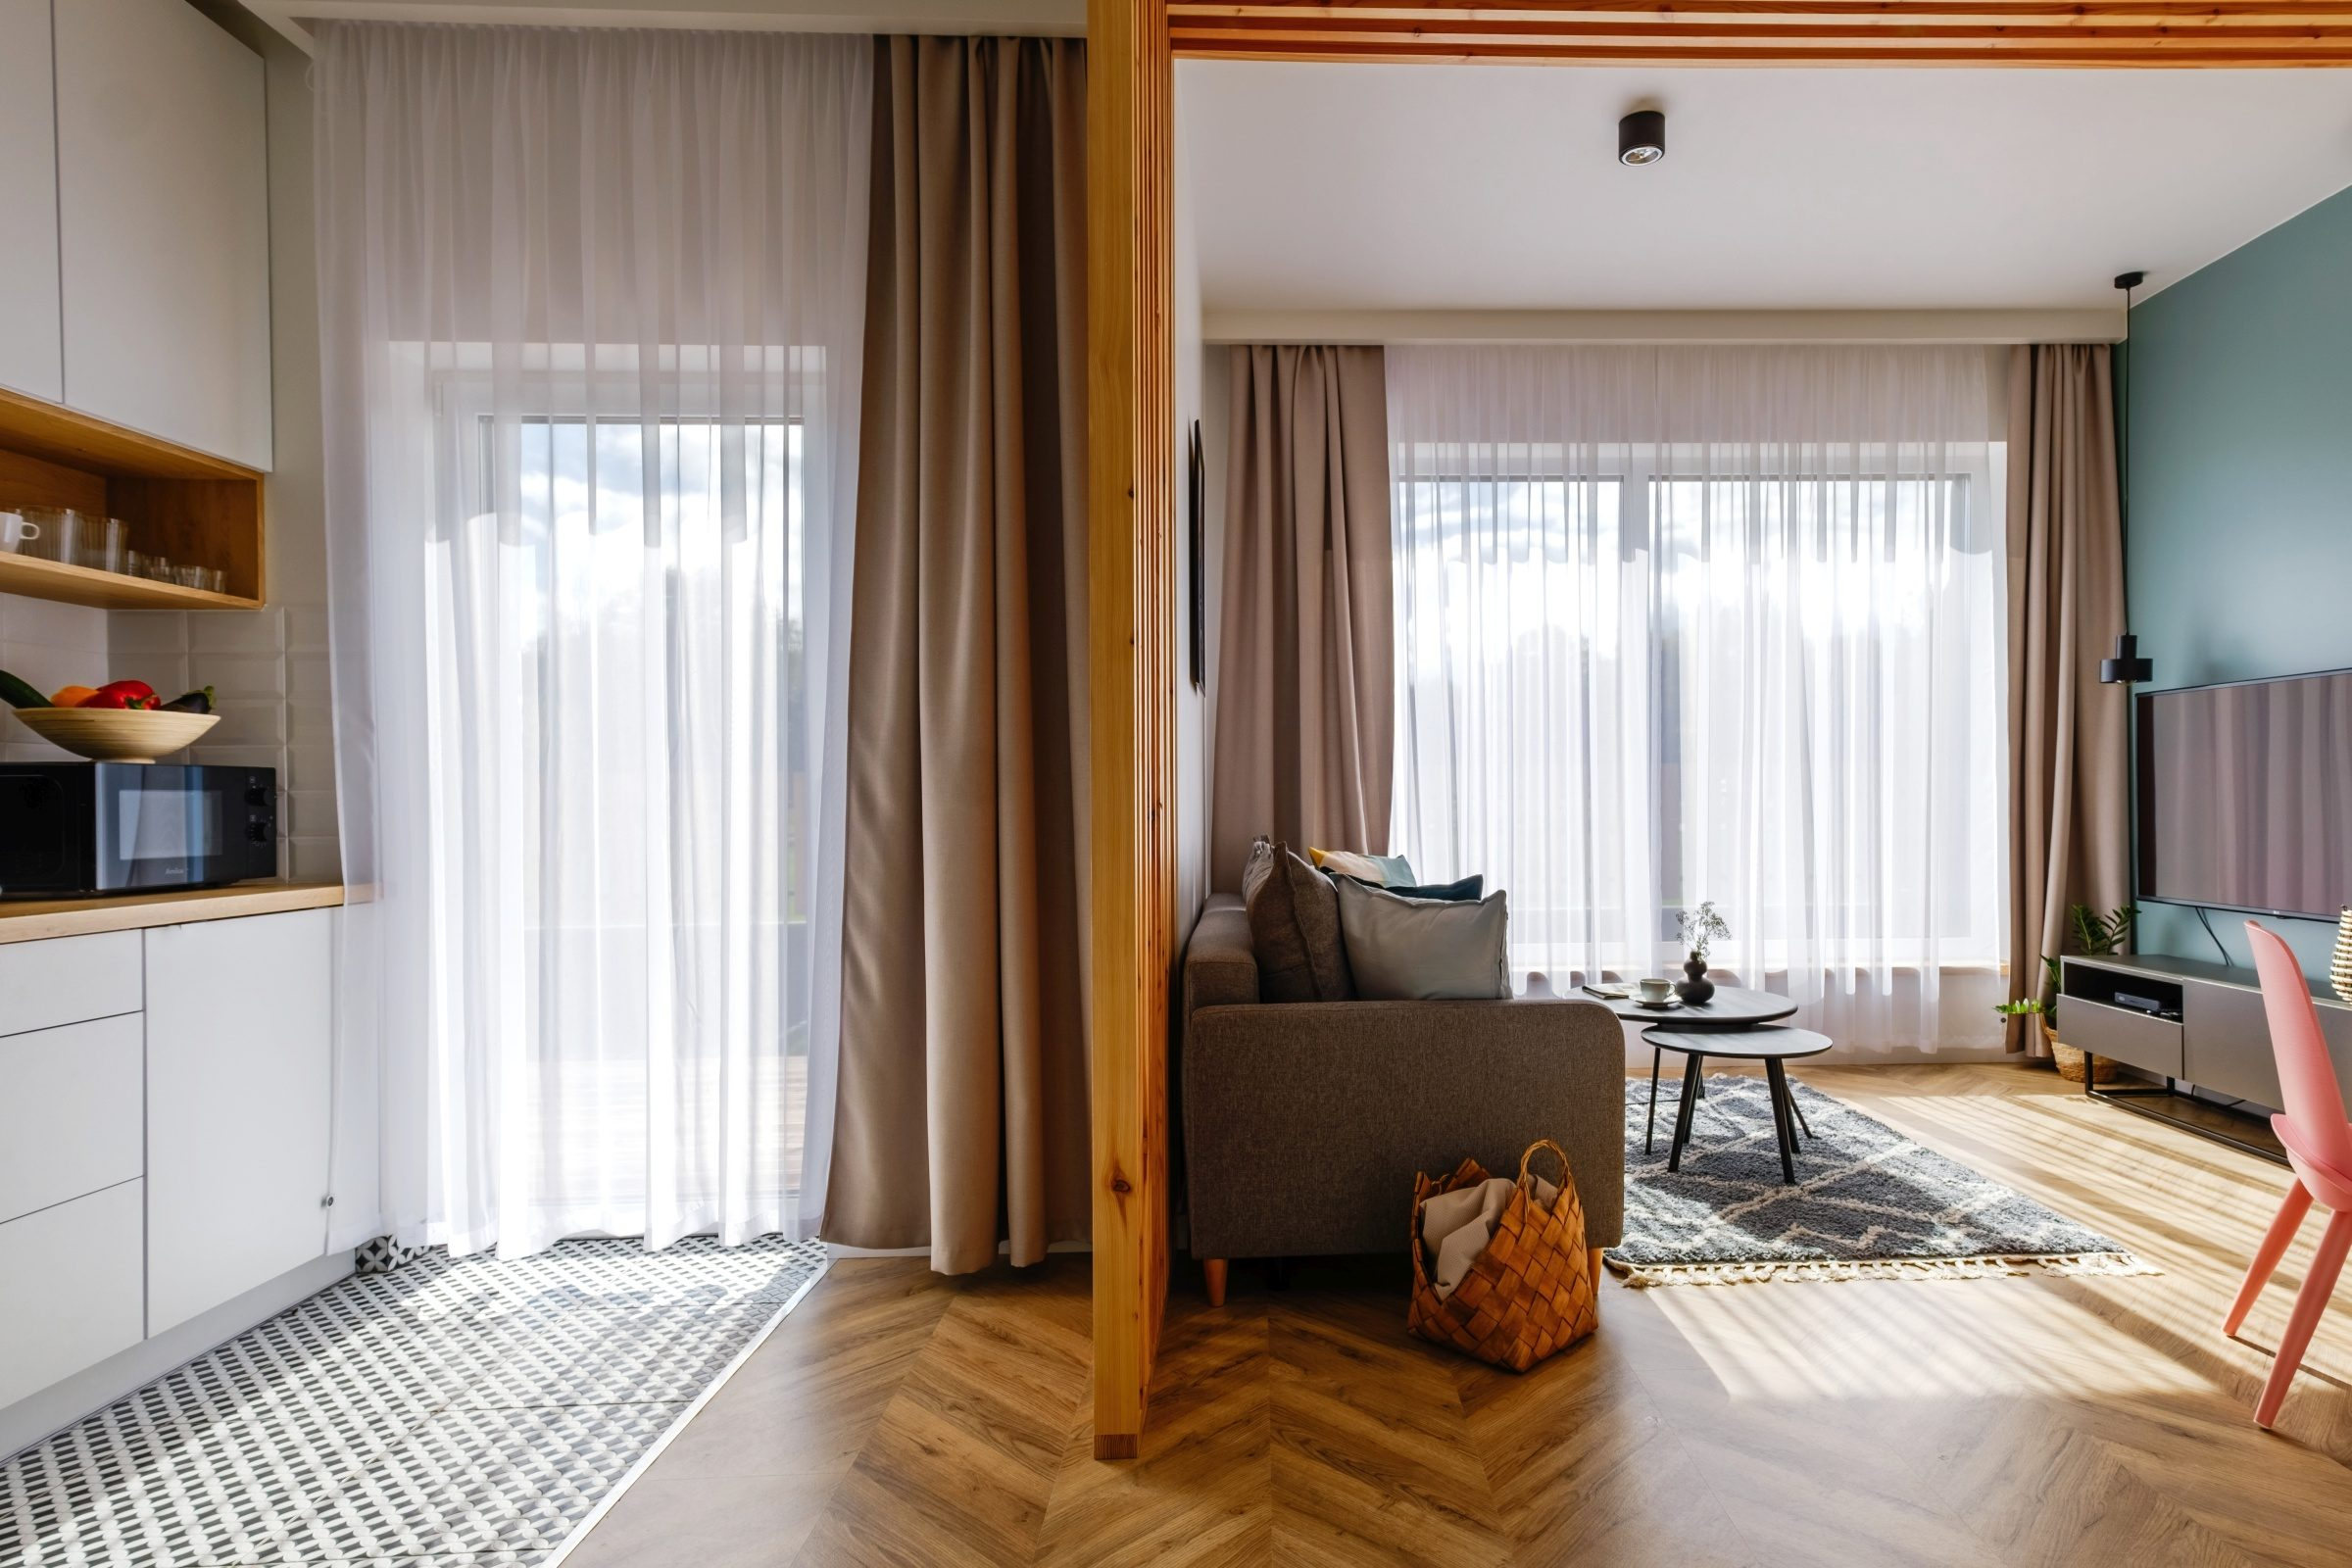 Apartamenty NOVA BIAŁKA Białka Tatrzańska apartament 7 kuchnia i salon